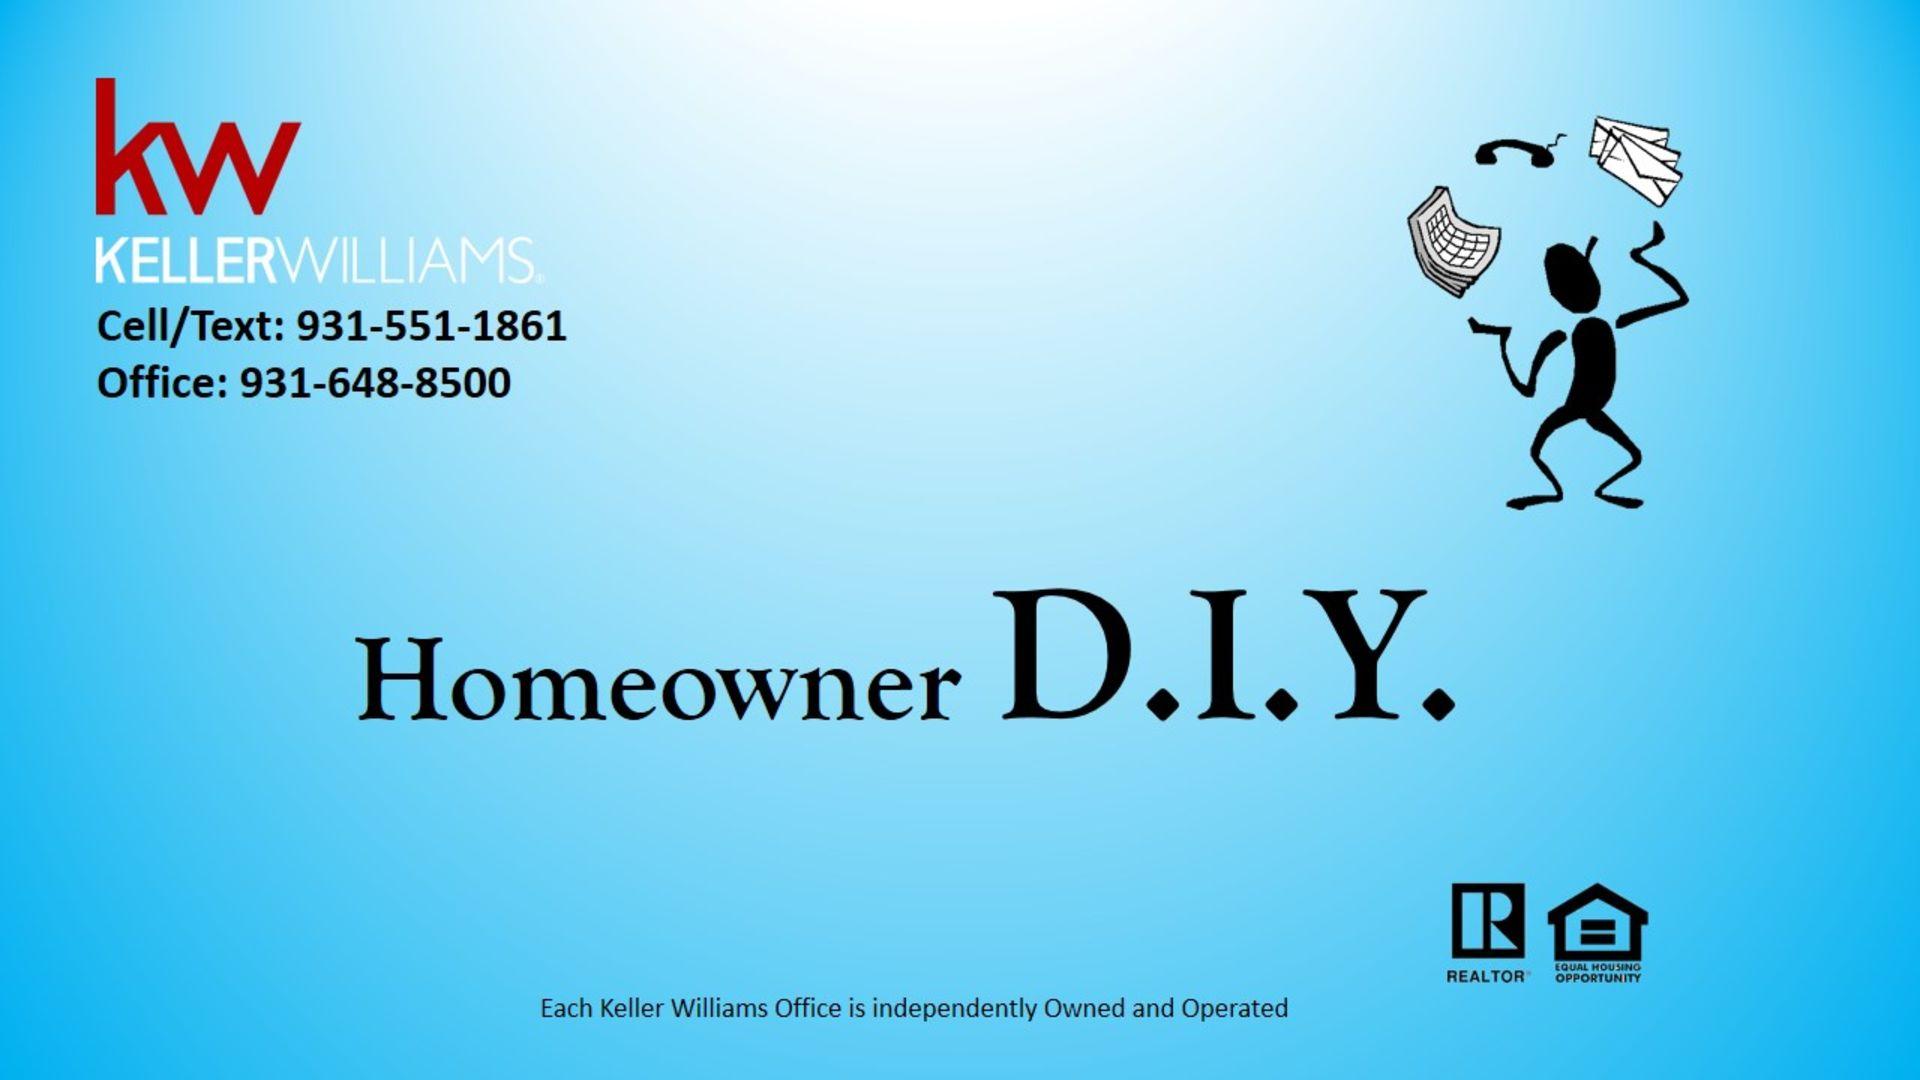 Homeowner DIY